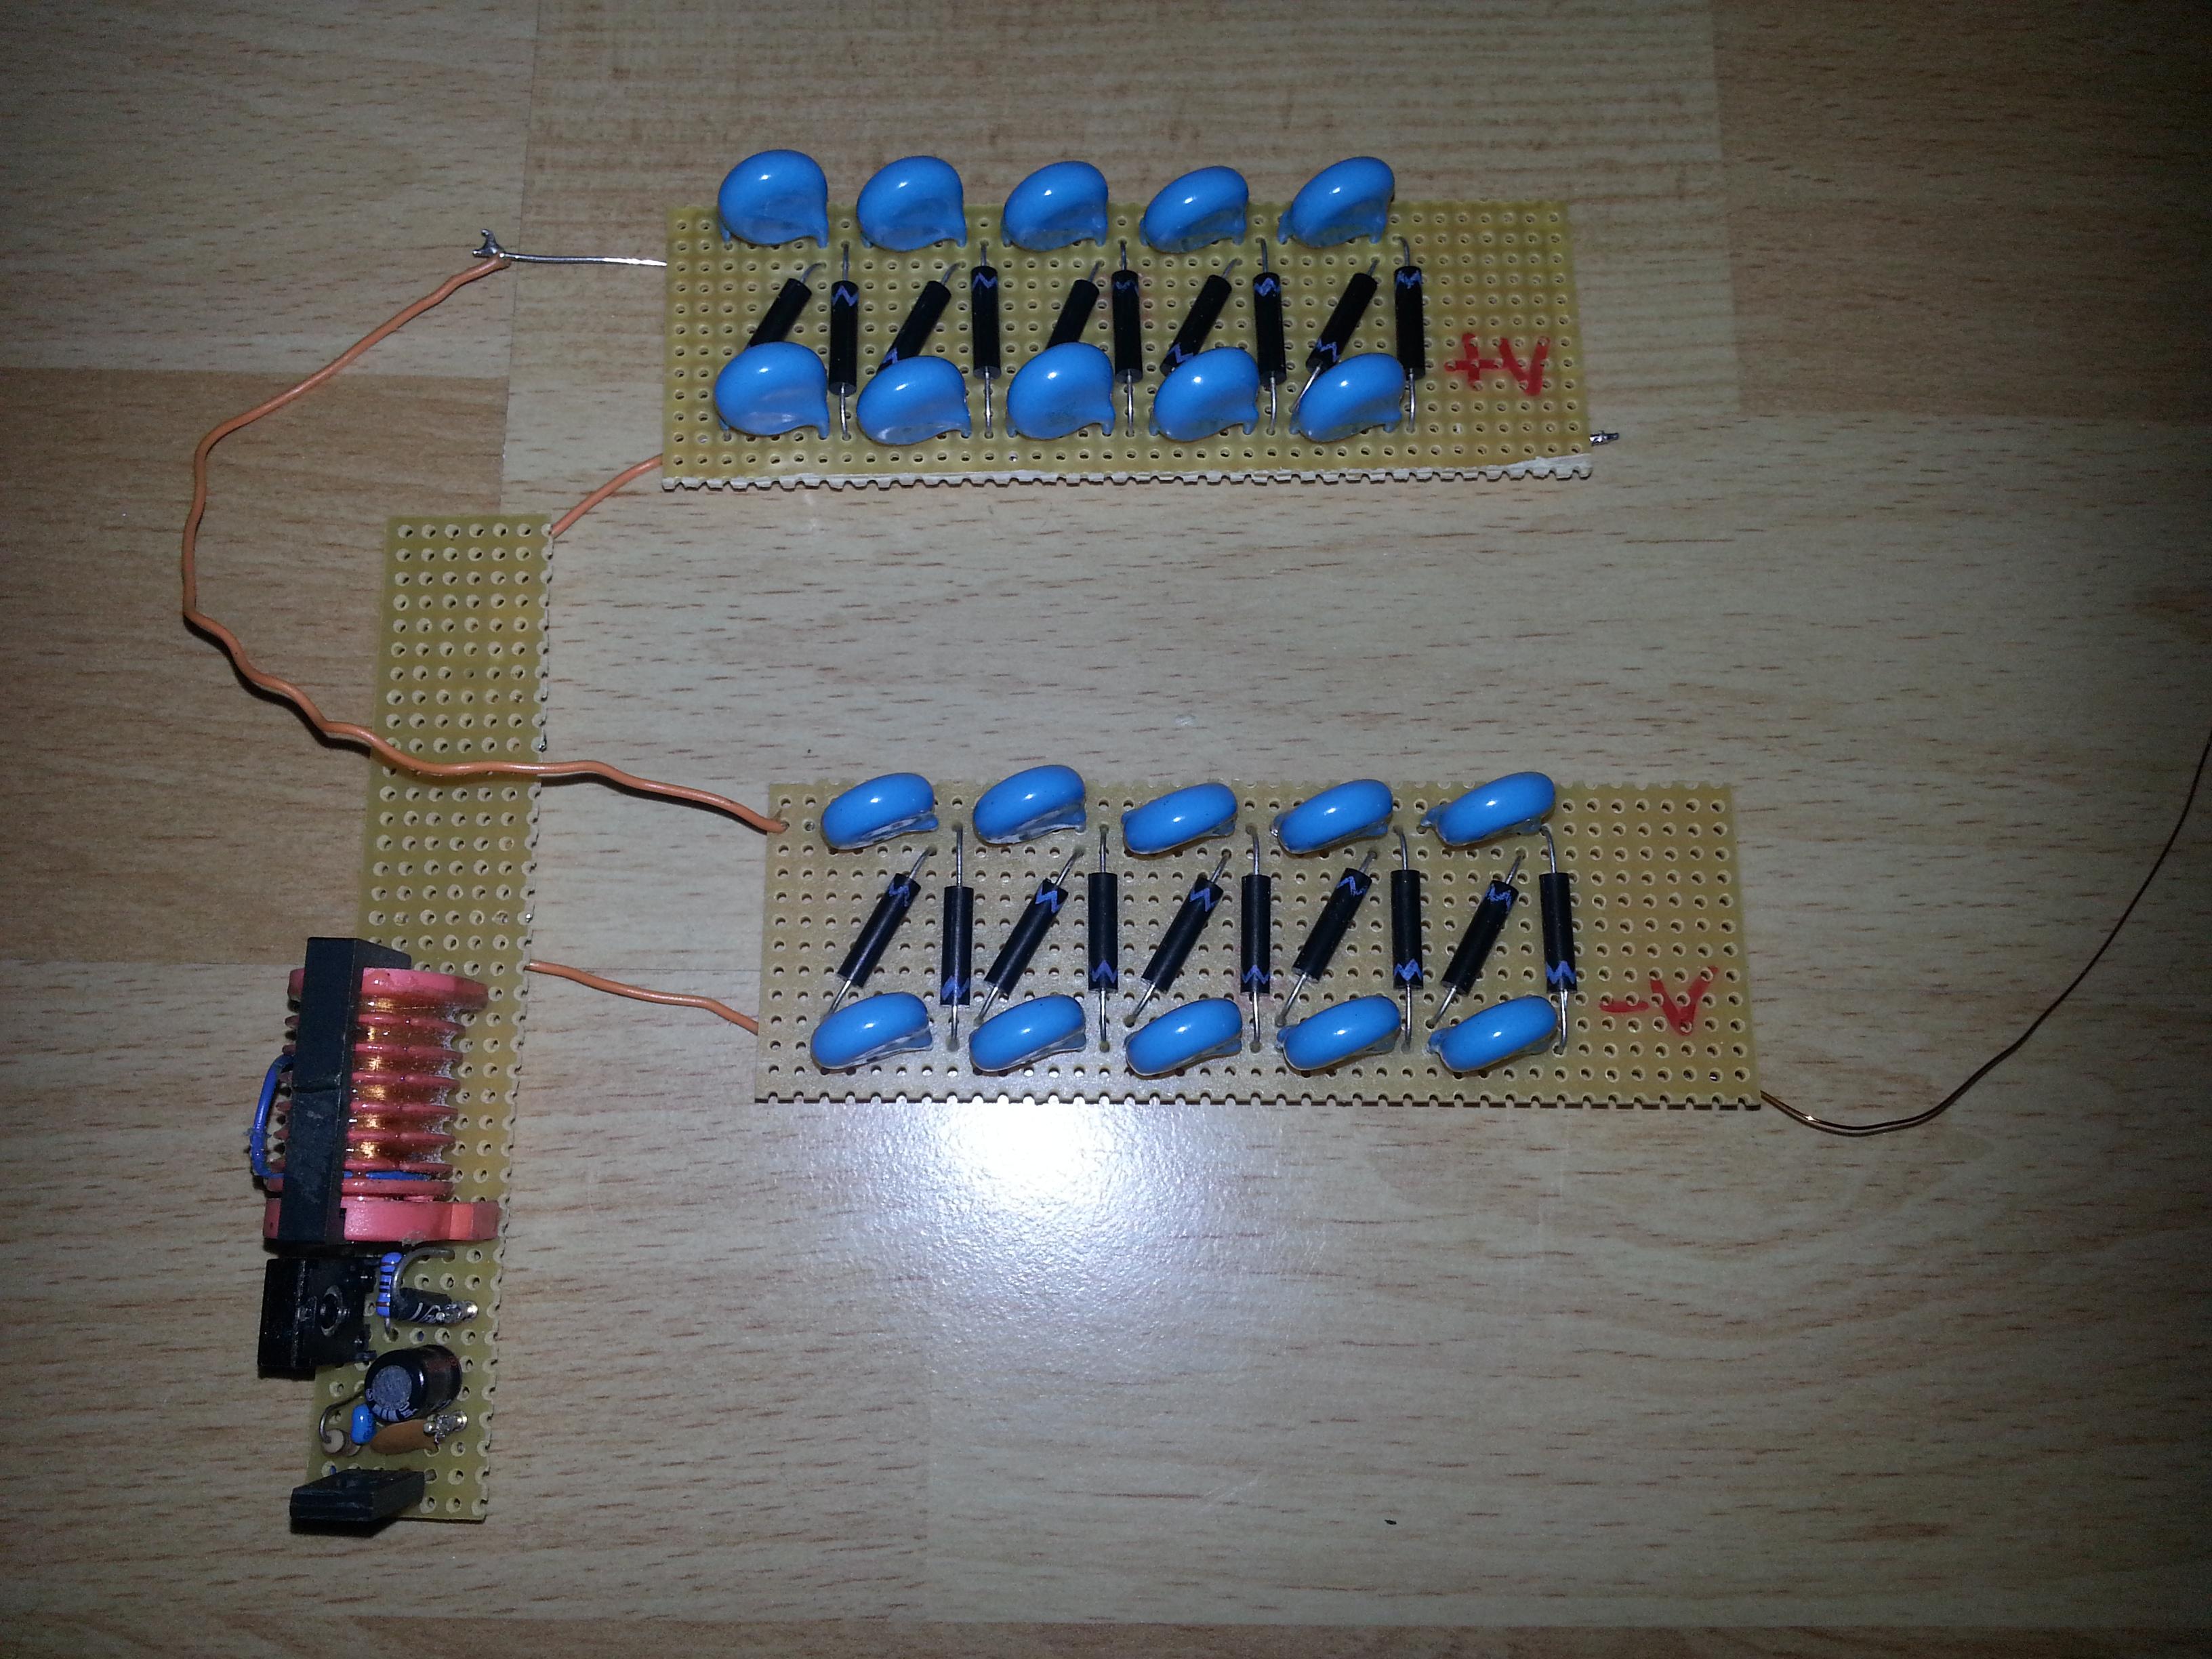 Dual Cockcroft-Walton Voltage Multiplier Cascade